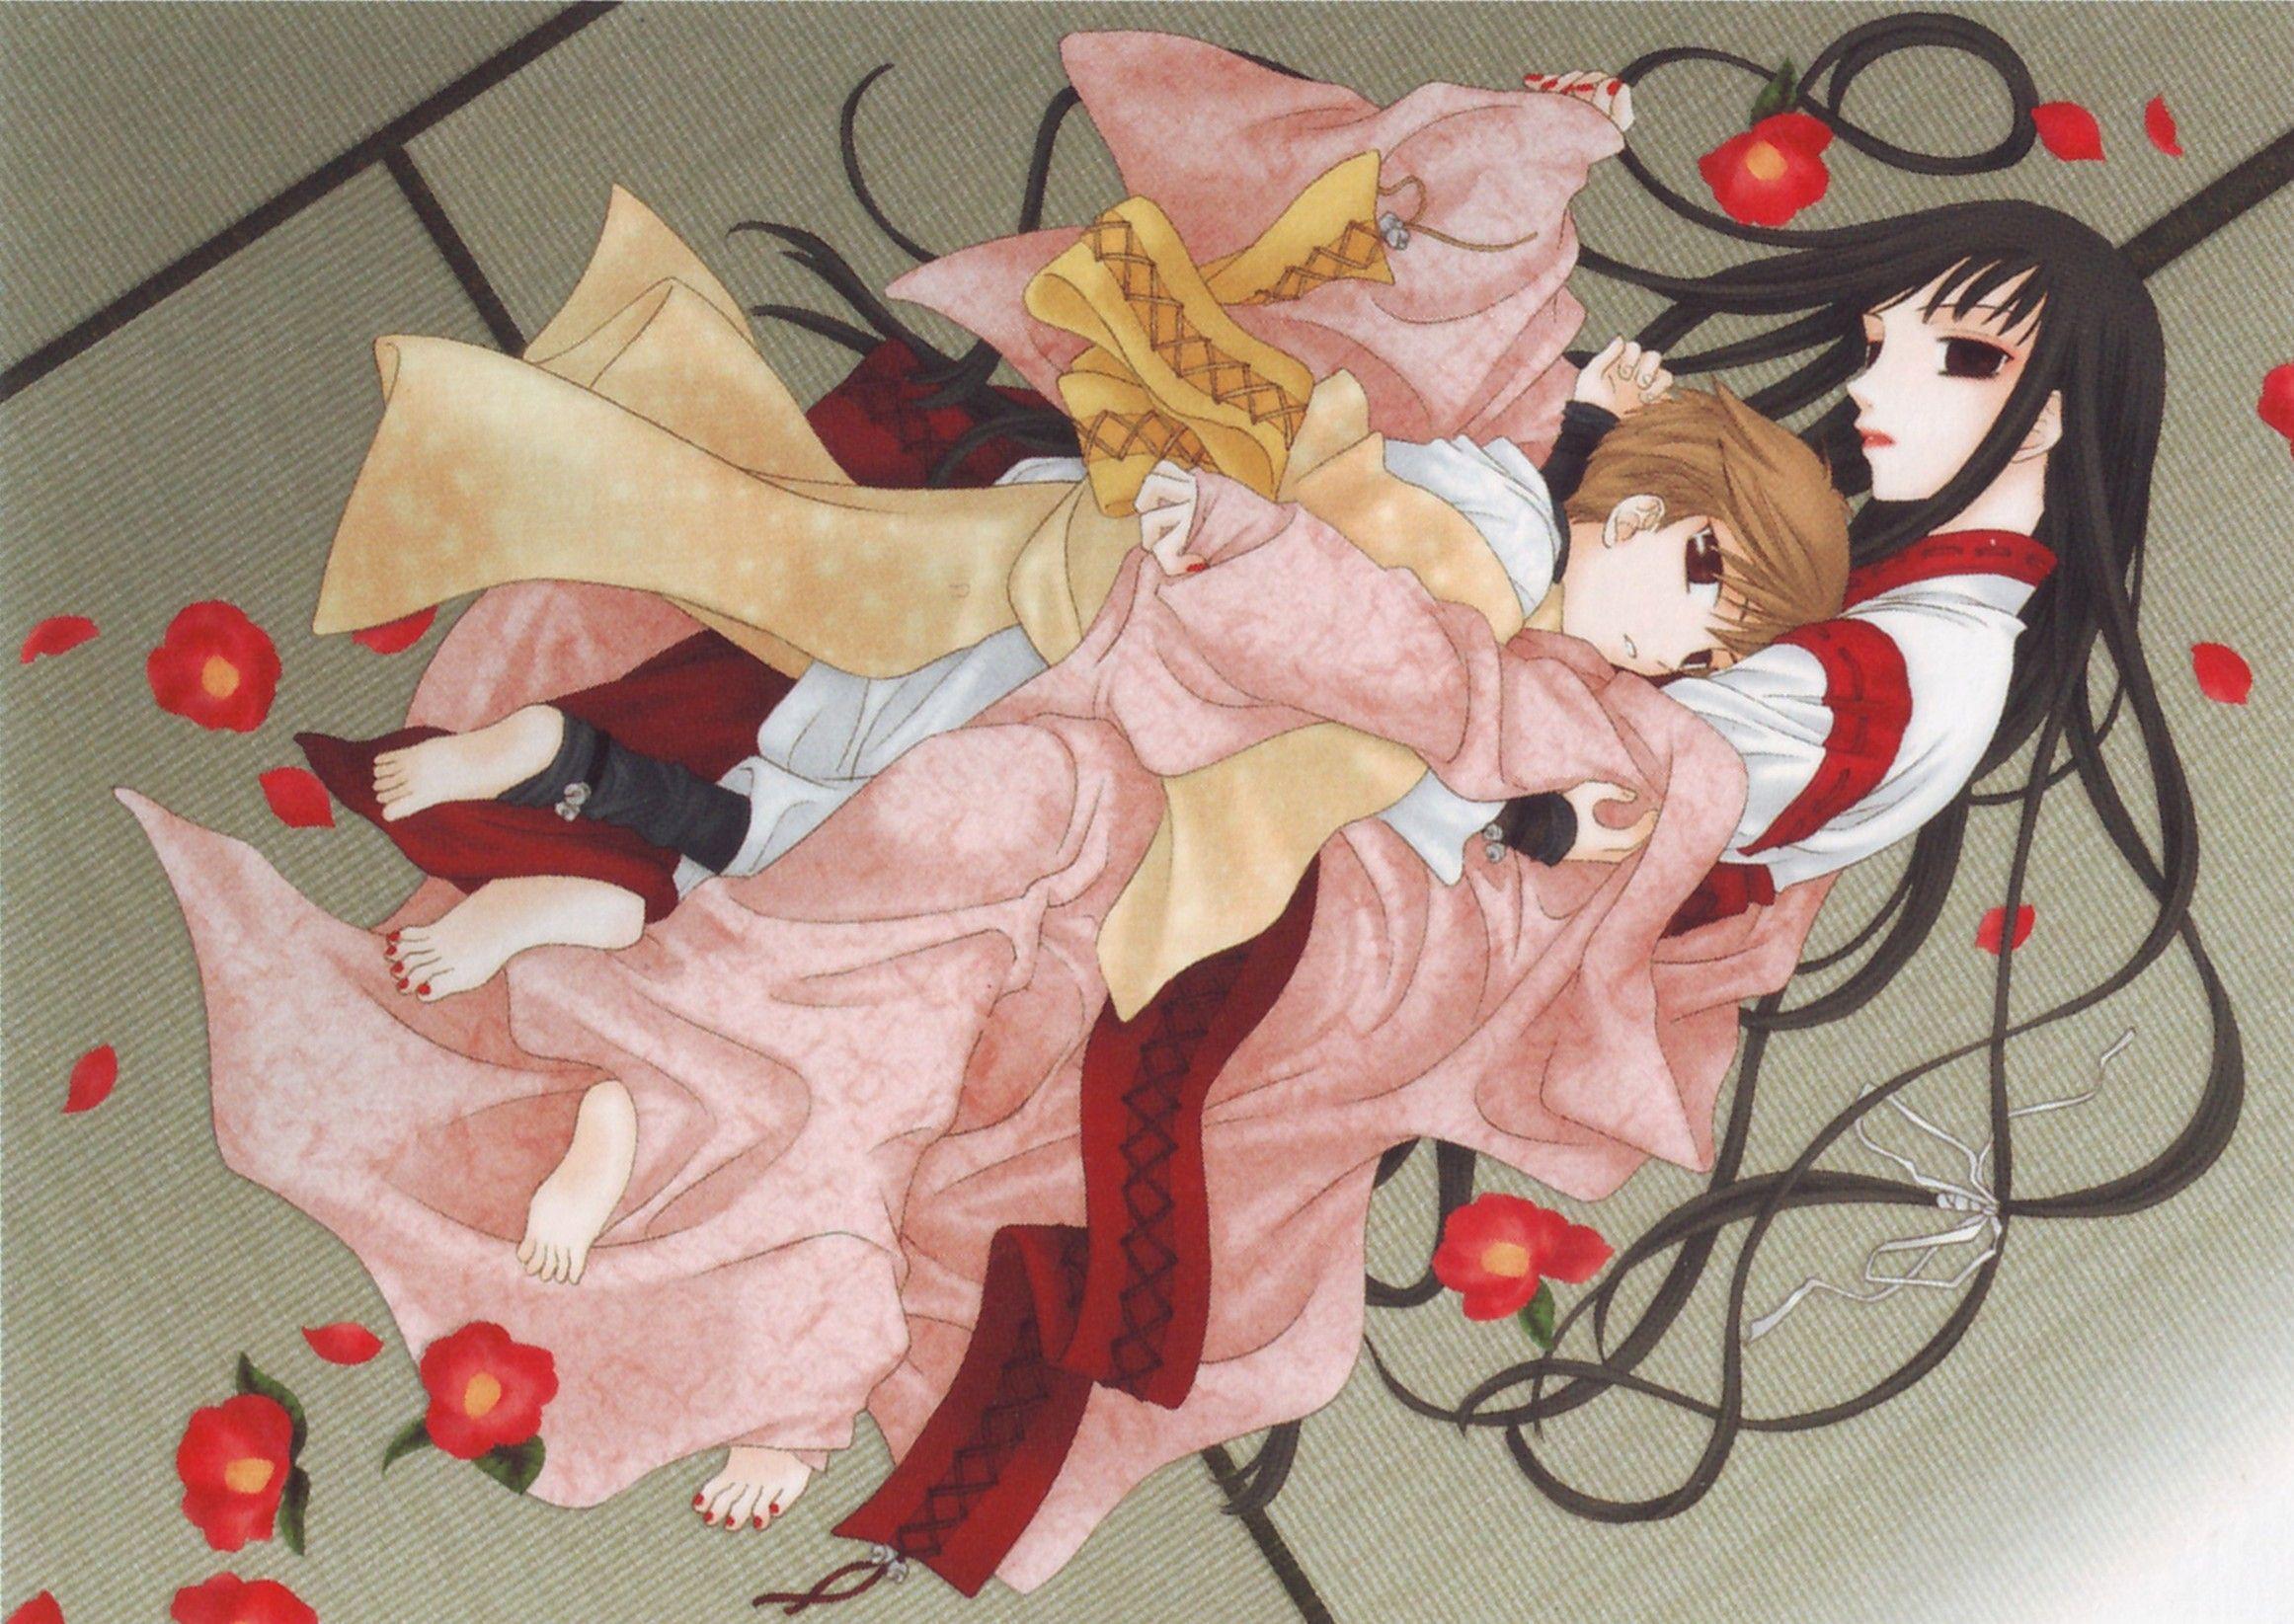 ผลการค้นหารูปภาพสำหรับ natsuki takaya fruits basket